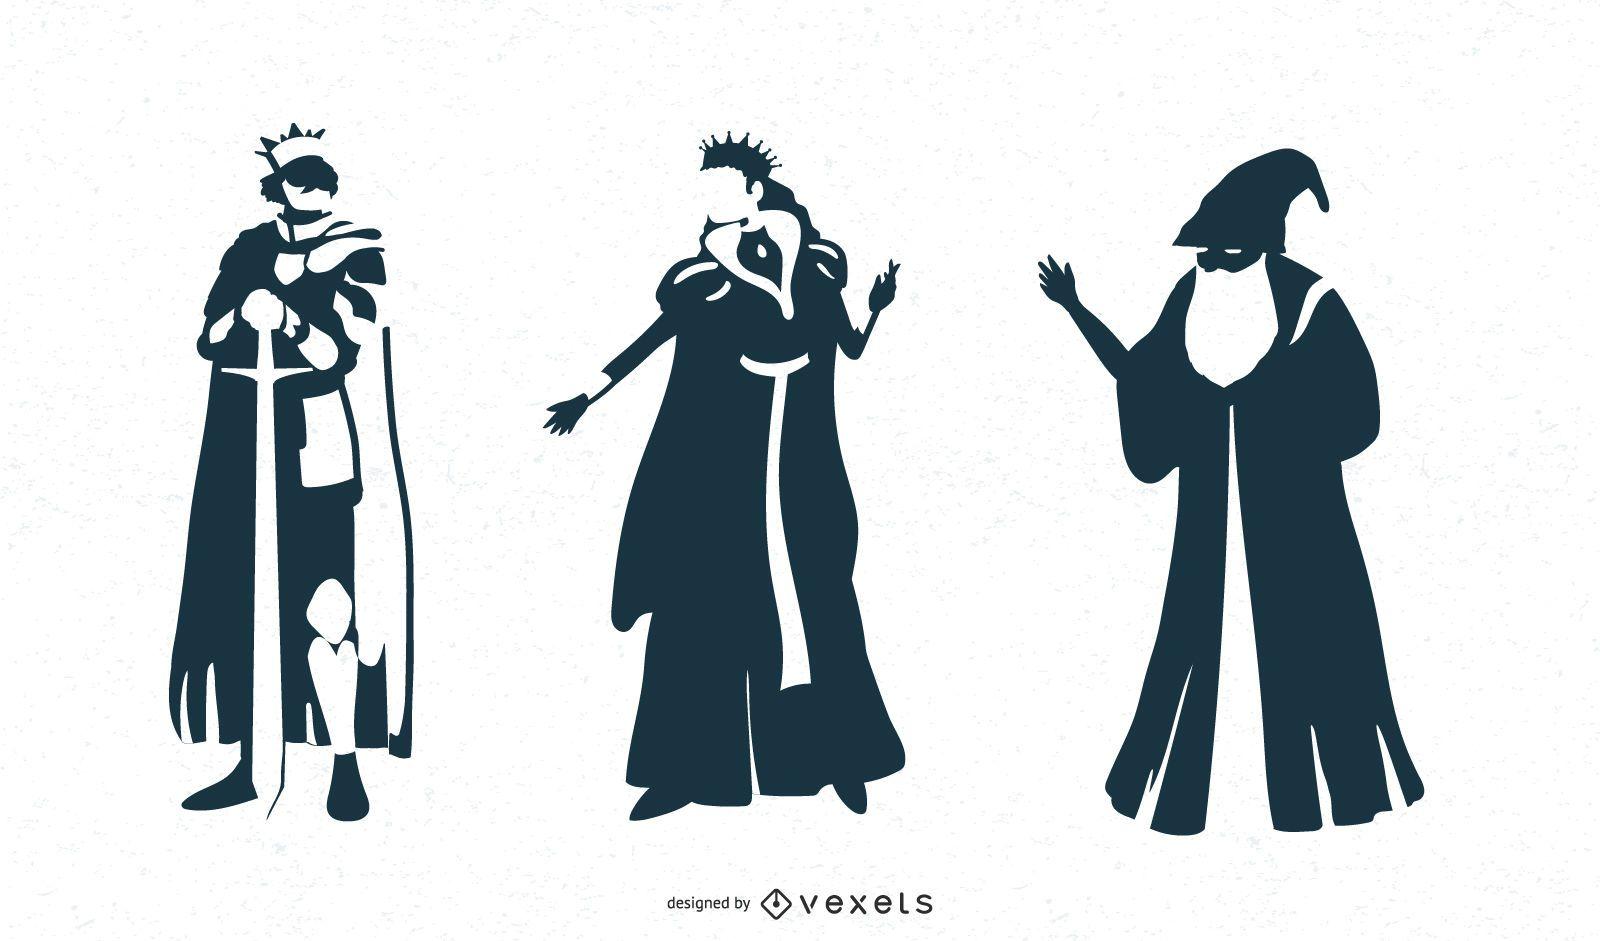 Diseños de personajes de fantasía